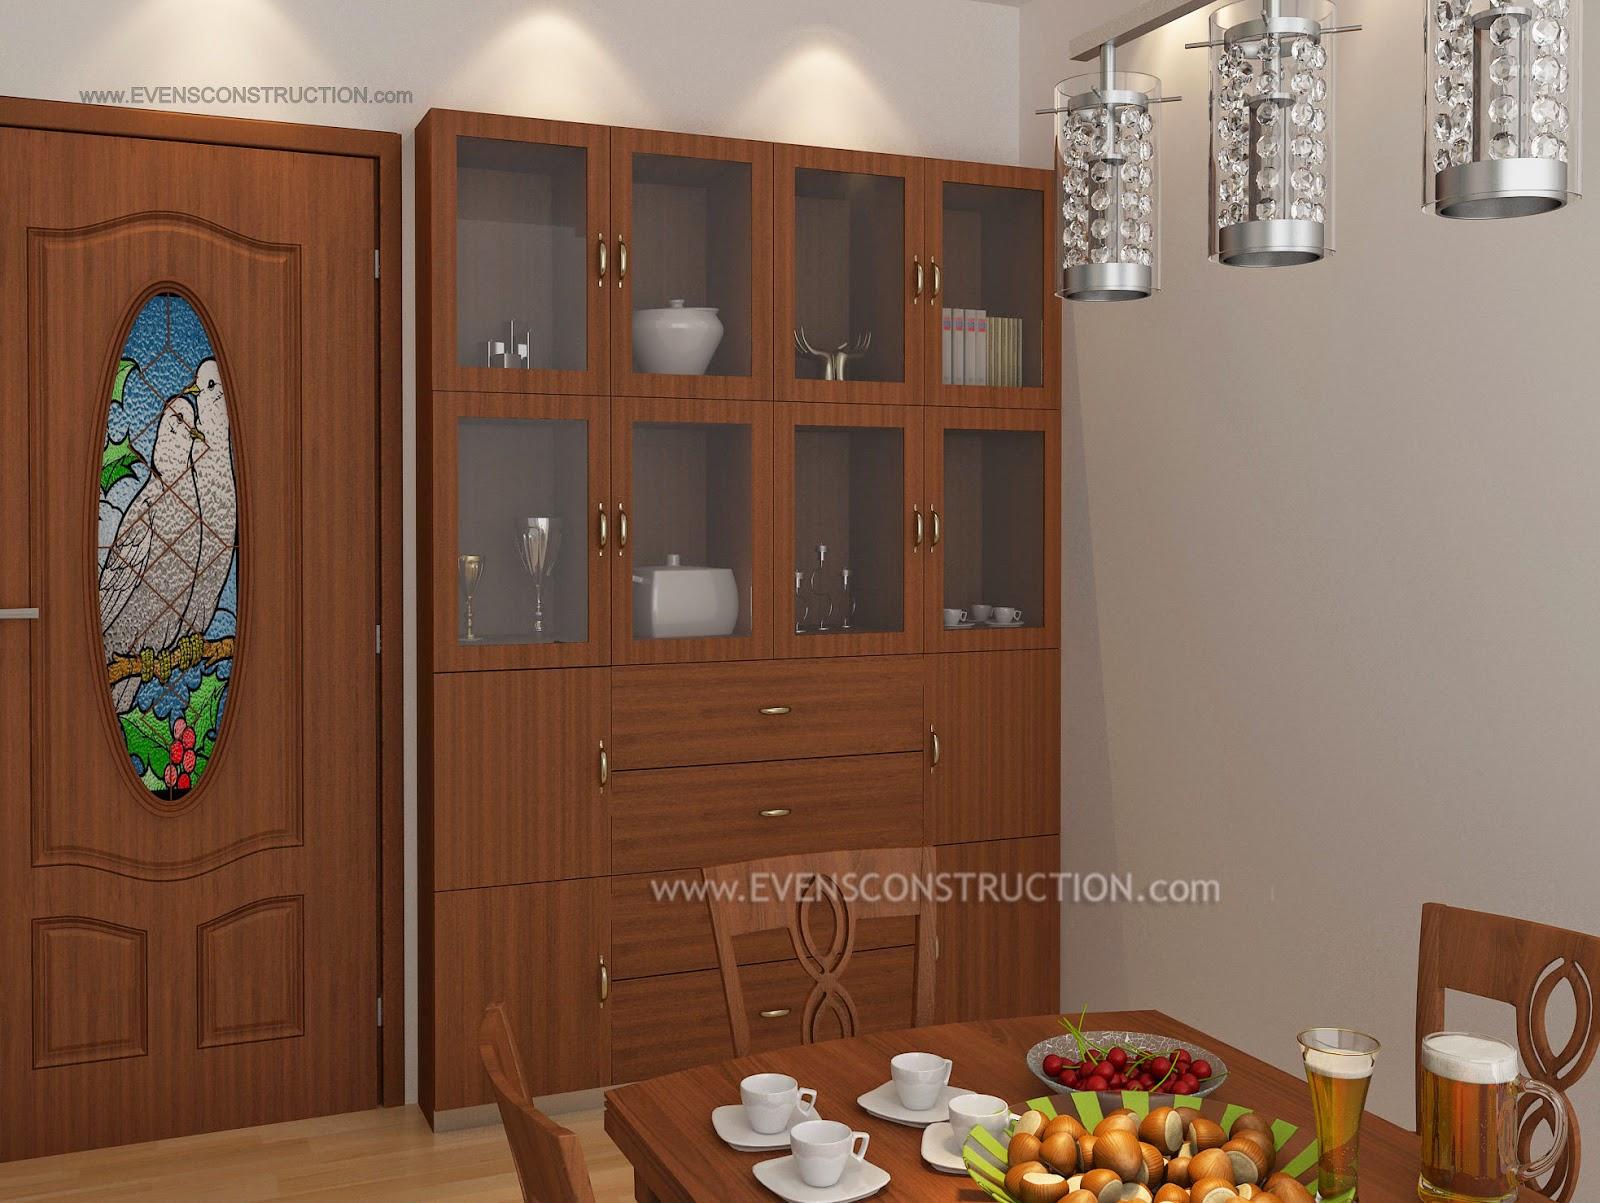 Evens Construction Pvt Ltd: Crockery shelf in dining room